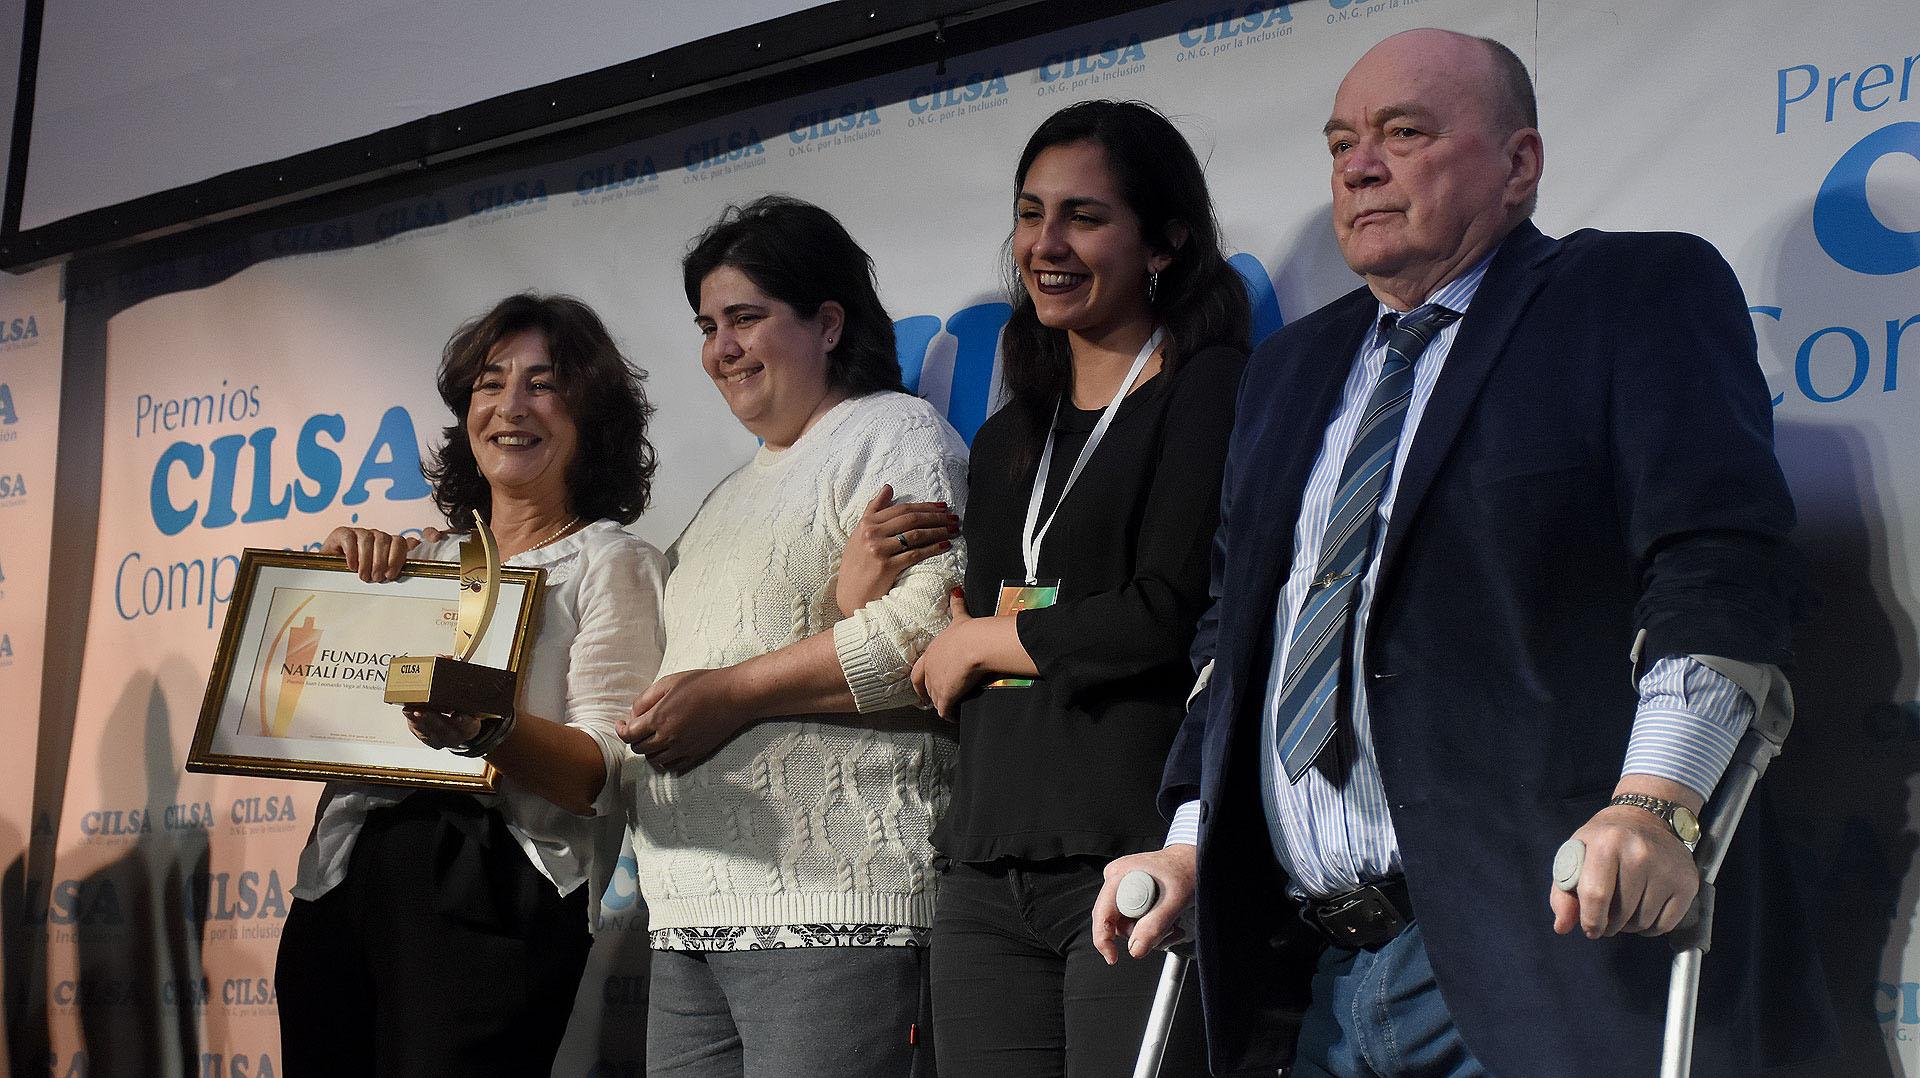 """Premio """"Juan L. Vega"""" al Modelo de Vida Comprometido para Edith Lea Grynszpancholc, fundadora y presidentade la Fundación Natalí Dafne Flexer, una institución creada en 1995 en memoria de su hija Natalí, quien a los 7 años falleció de cáncer"""